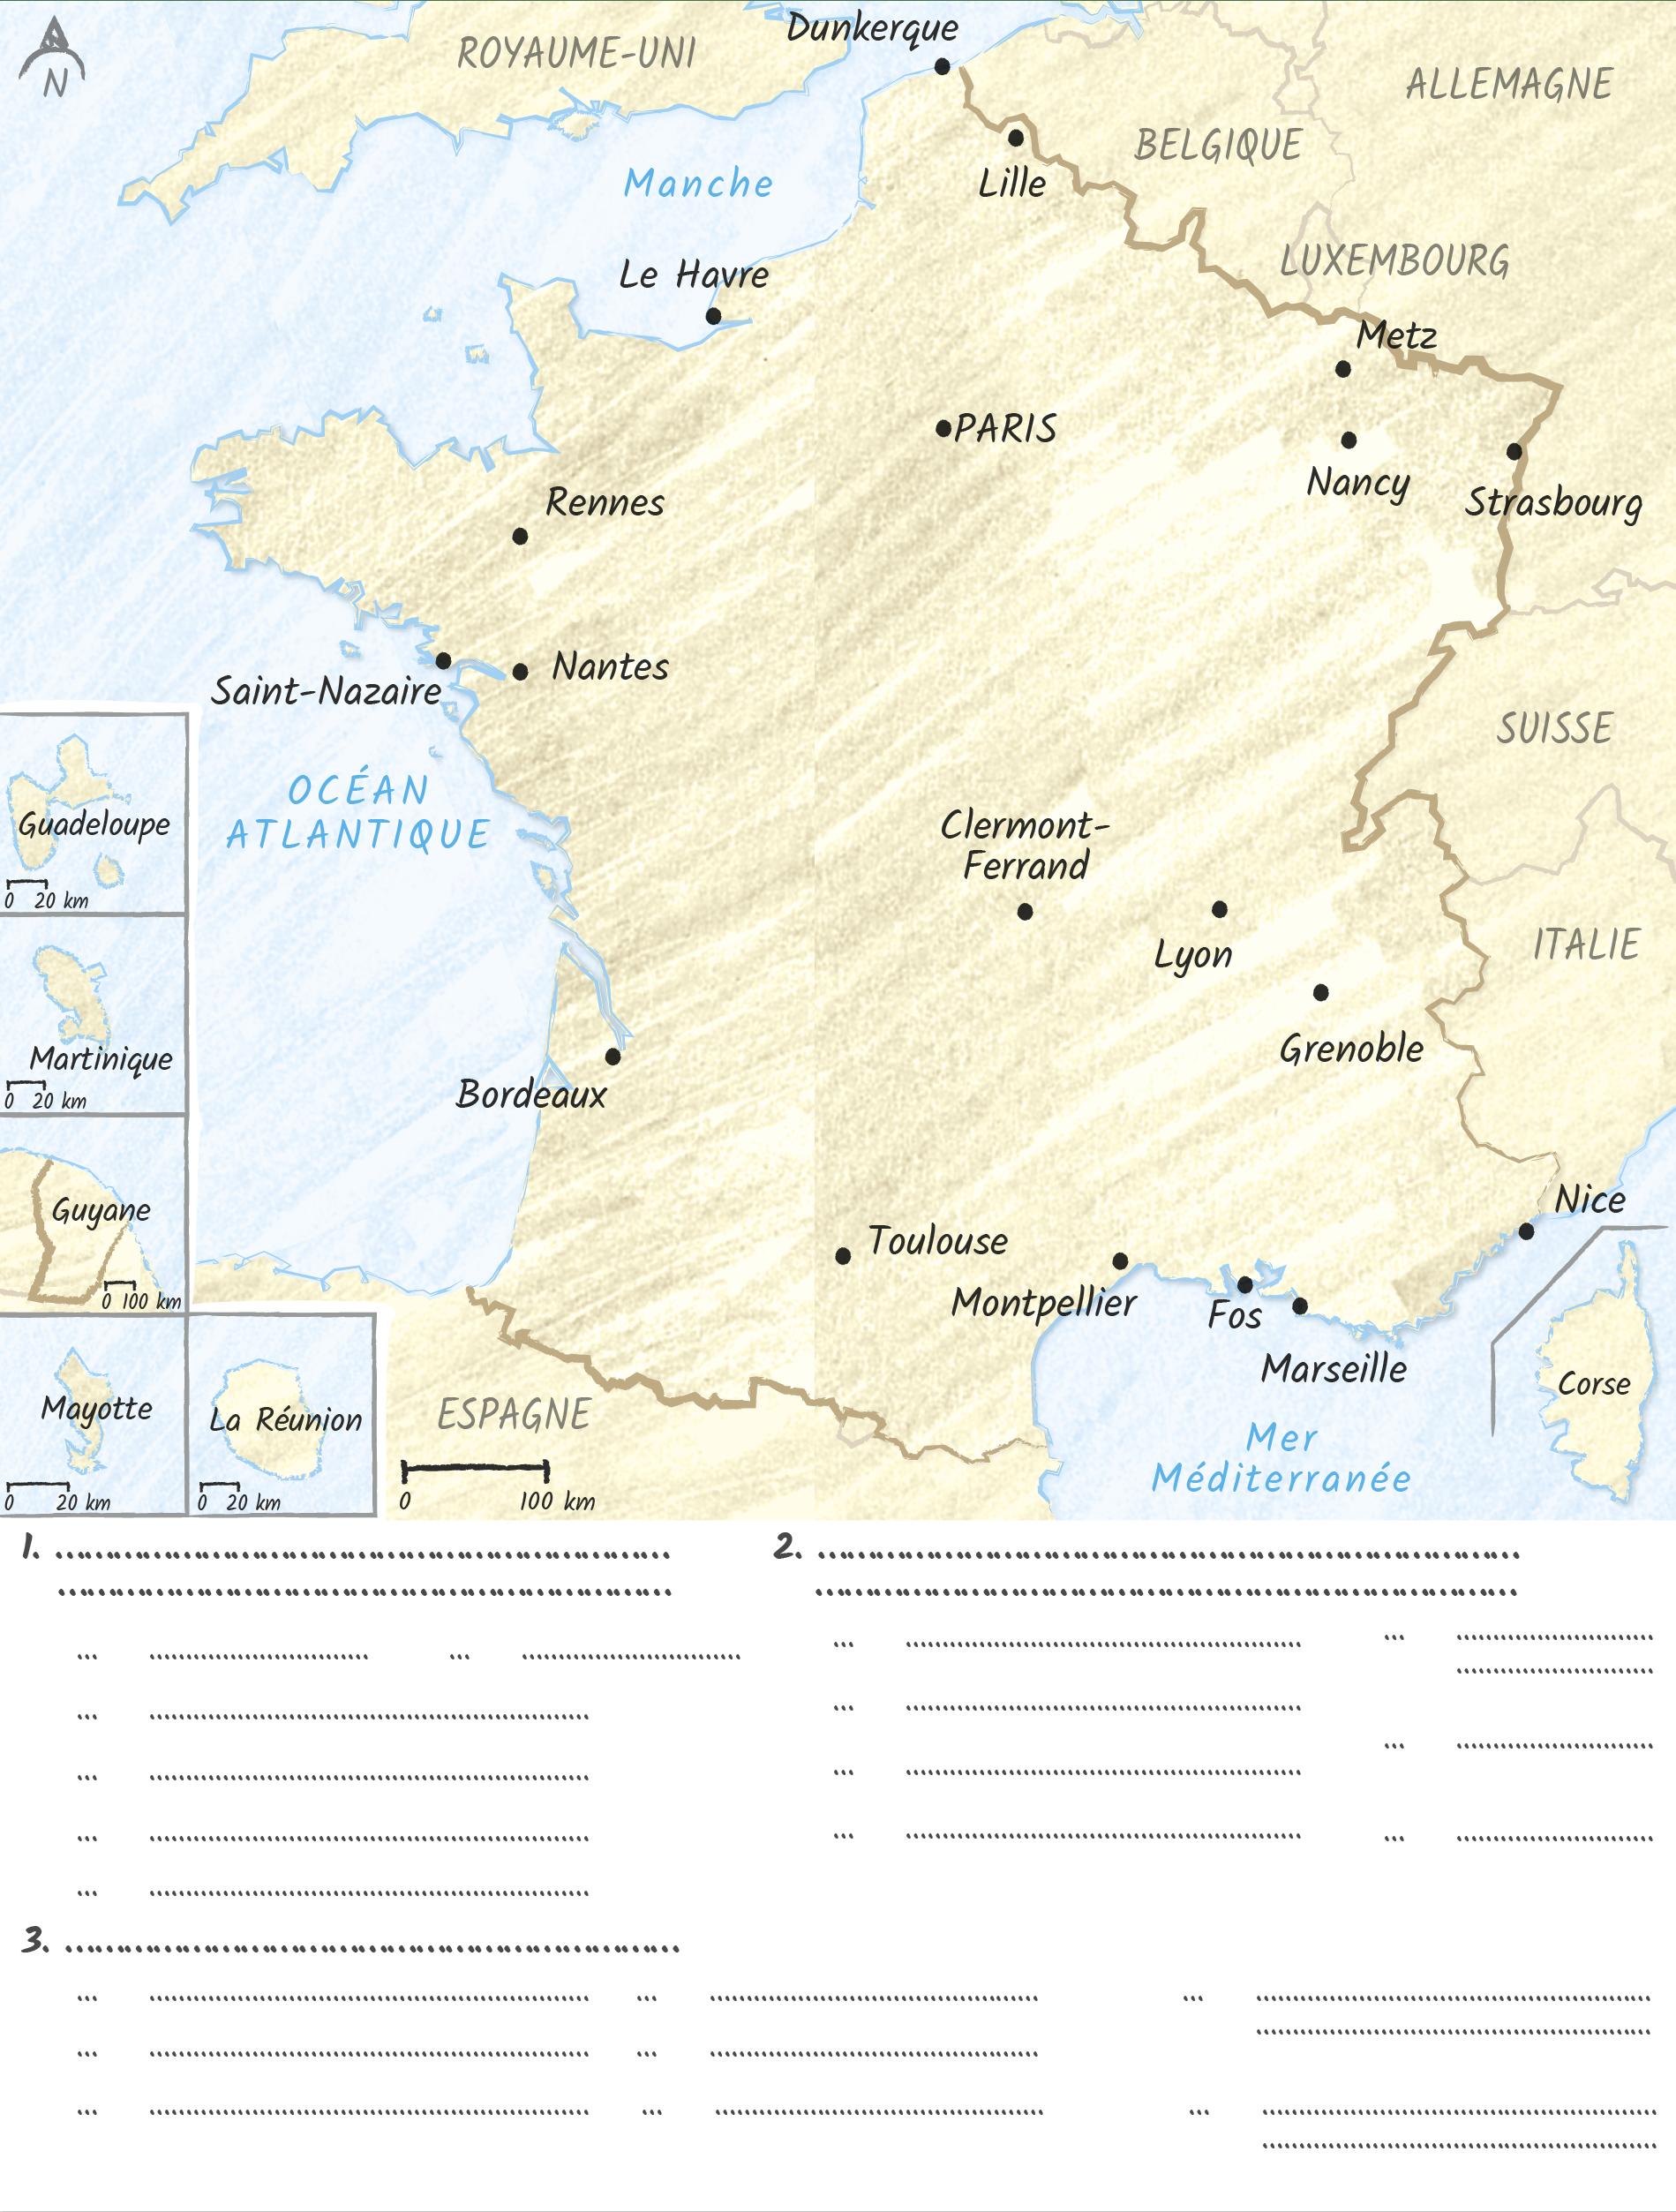 Je réalise un croquis de synthèse sur les recompositions du territoire français